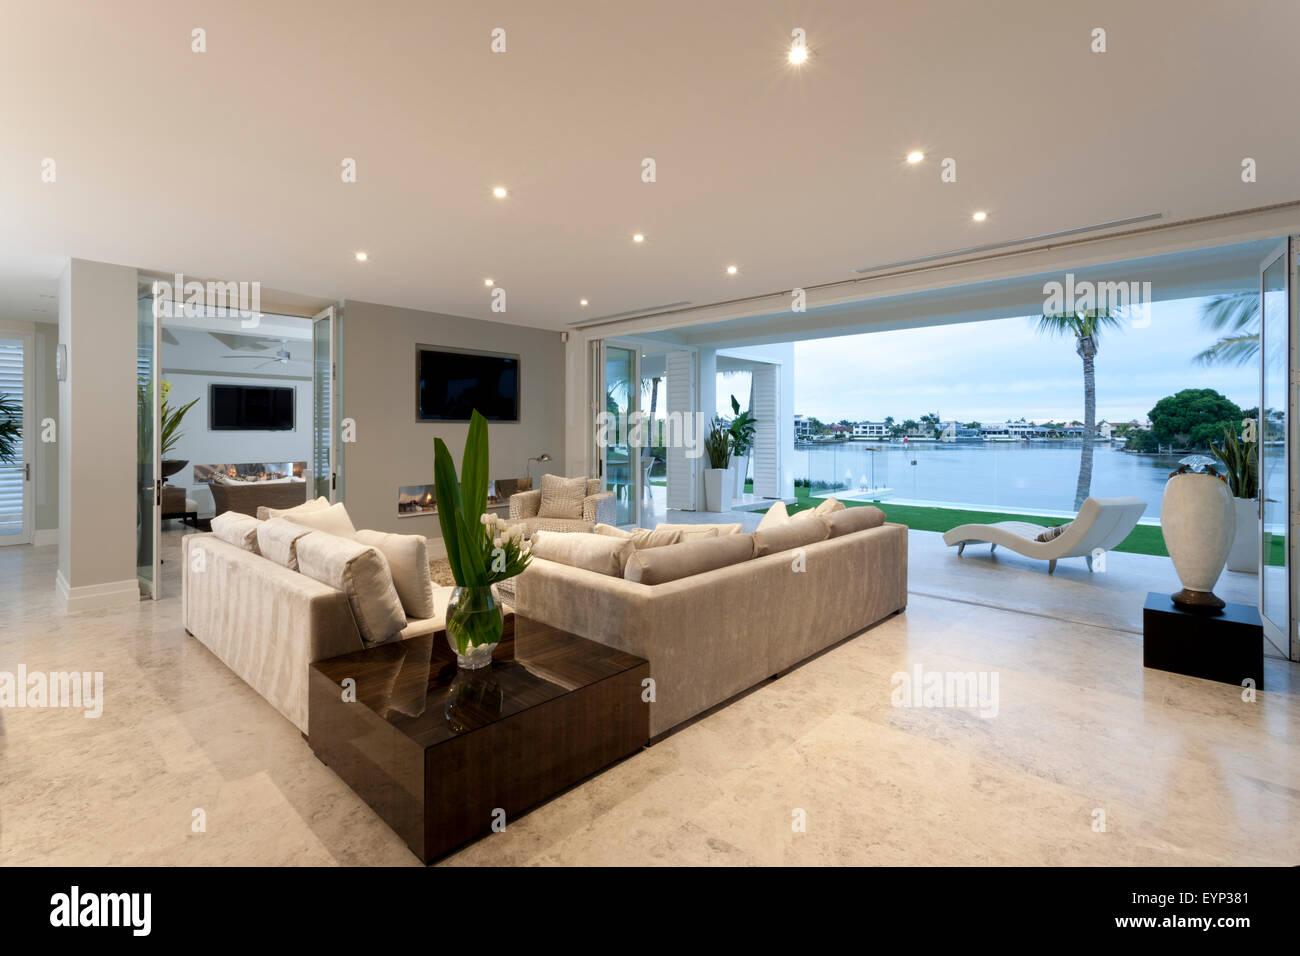 Schönes Wohnzimmer Mit Offenen Türen Zu Einem Hof, Einen Großen See Anzeigen